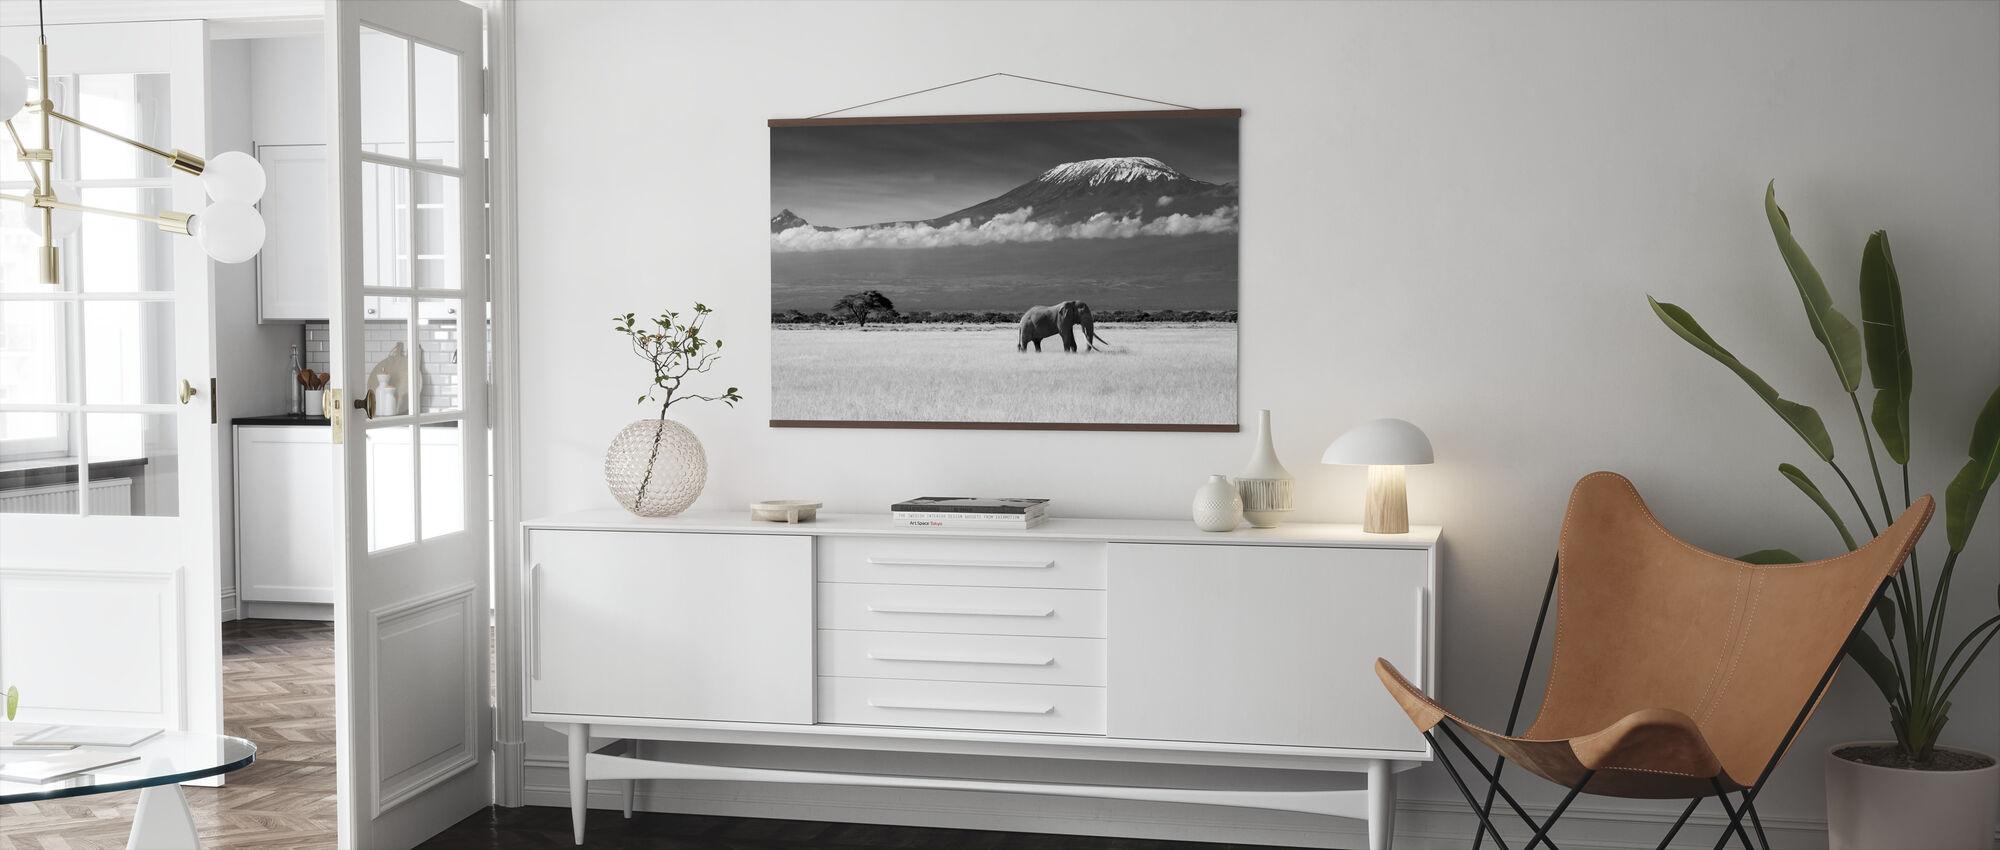 Elefant Landskap - Poster - Vardagsrum